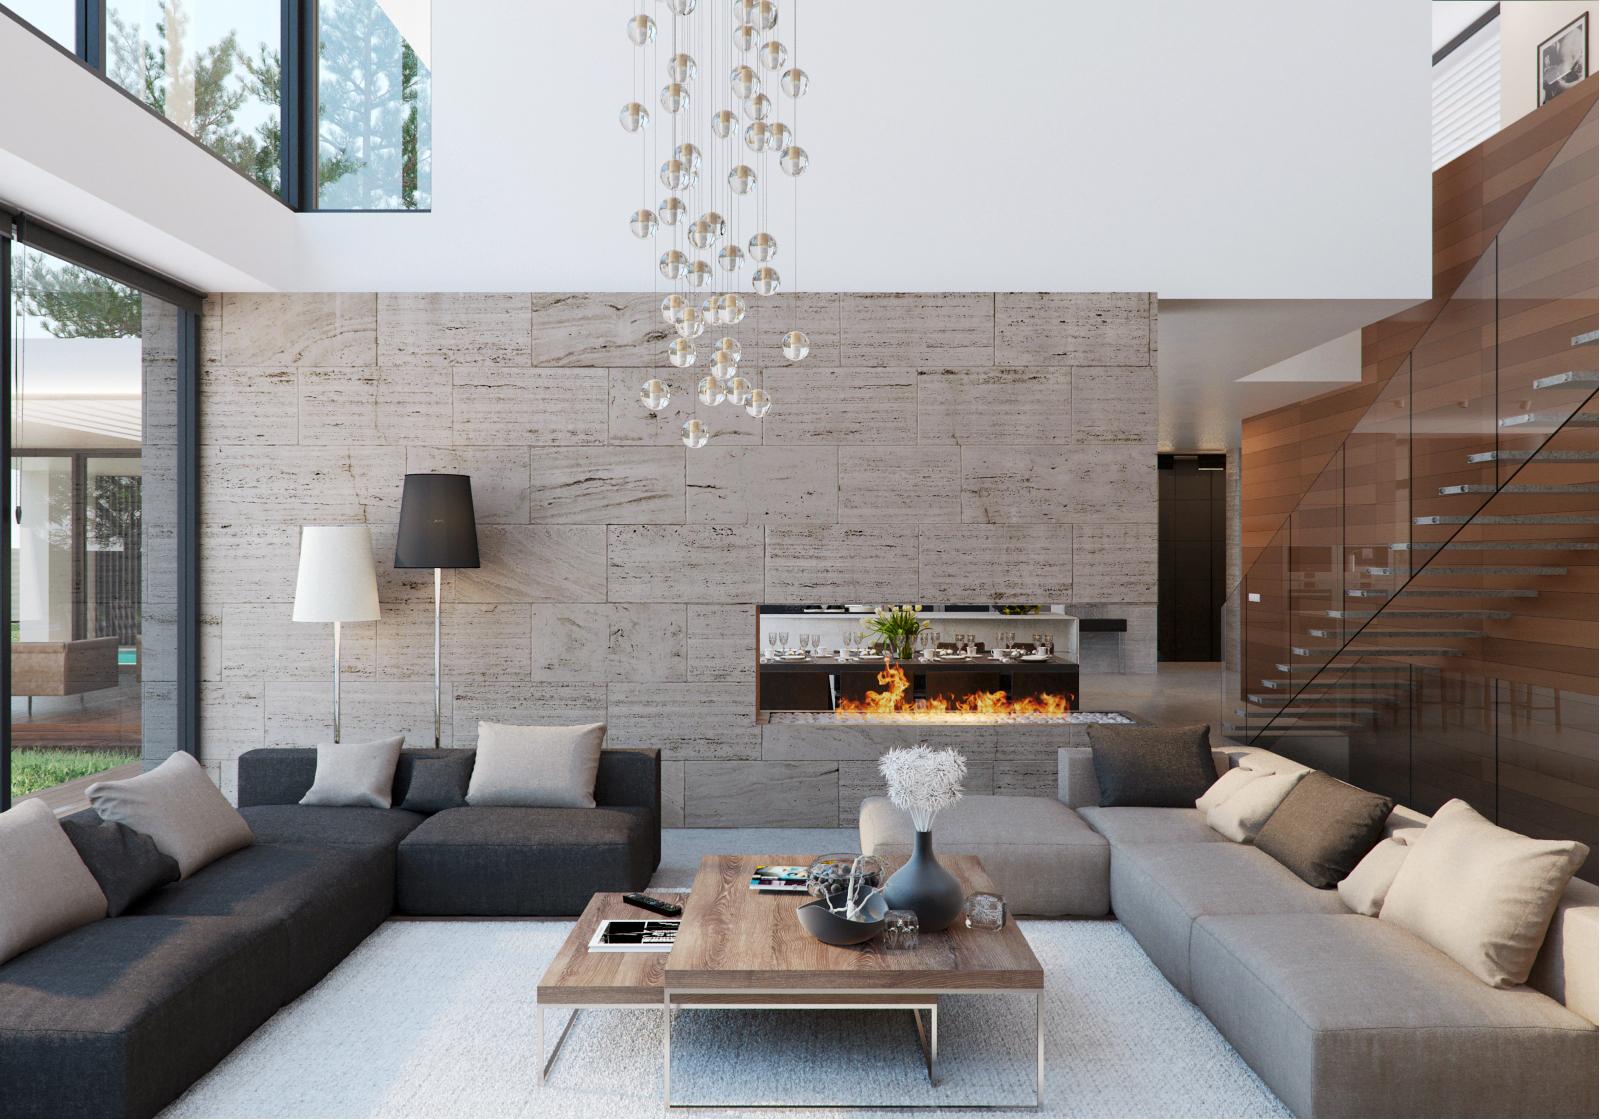 Wedo thiết kế nội thất phòng khách đẹp, sang trọng với gỗ và đá